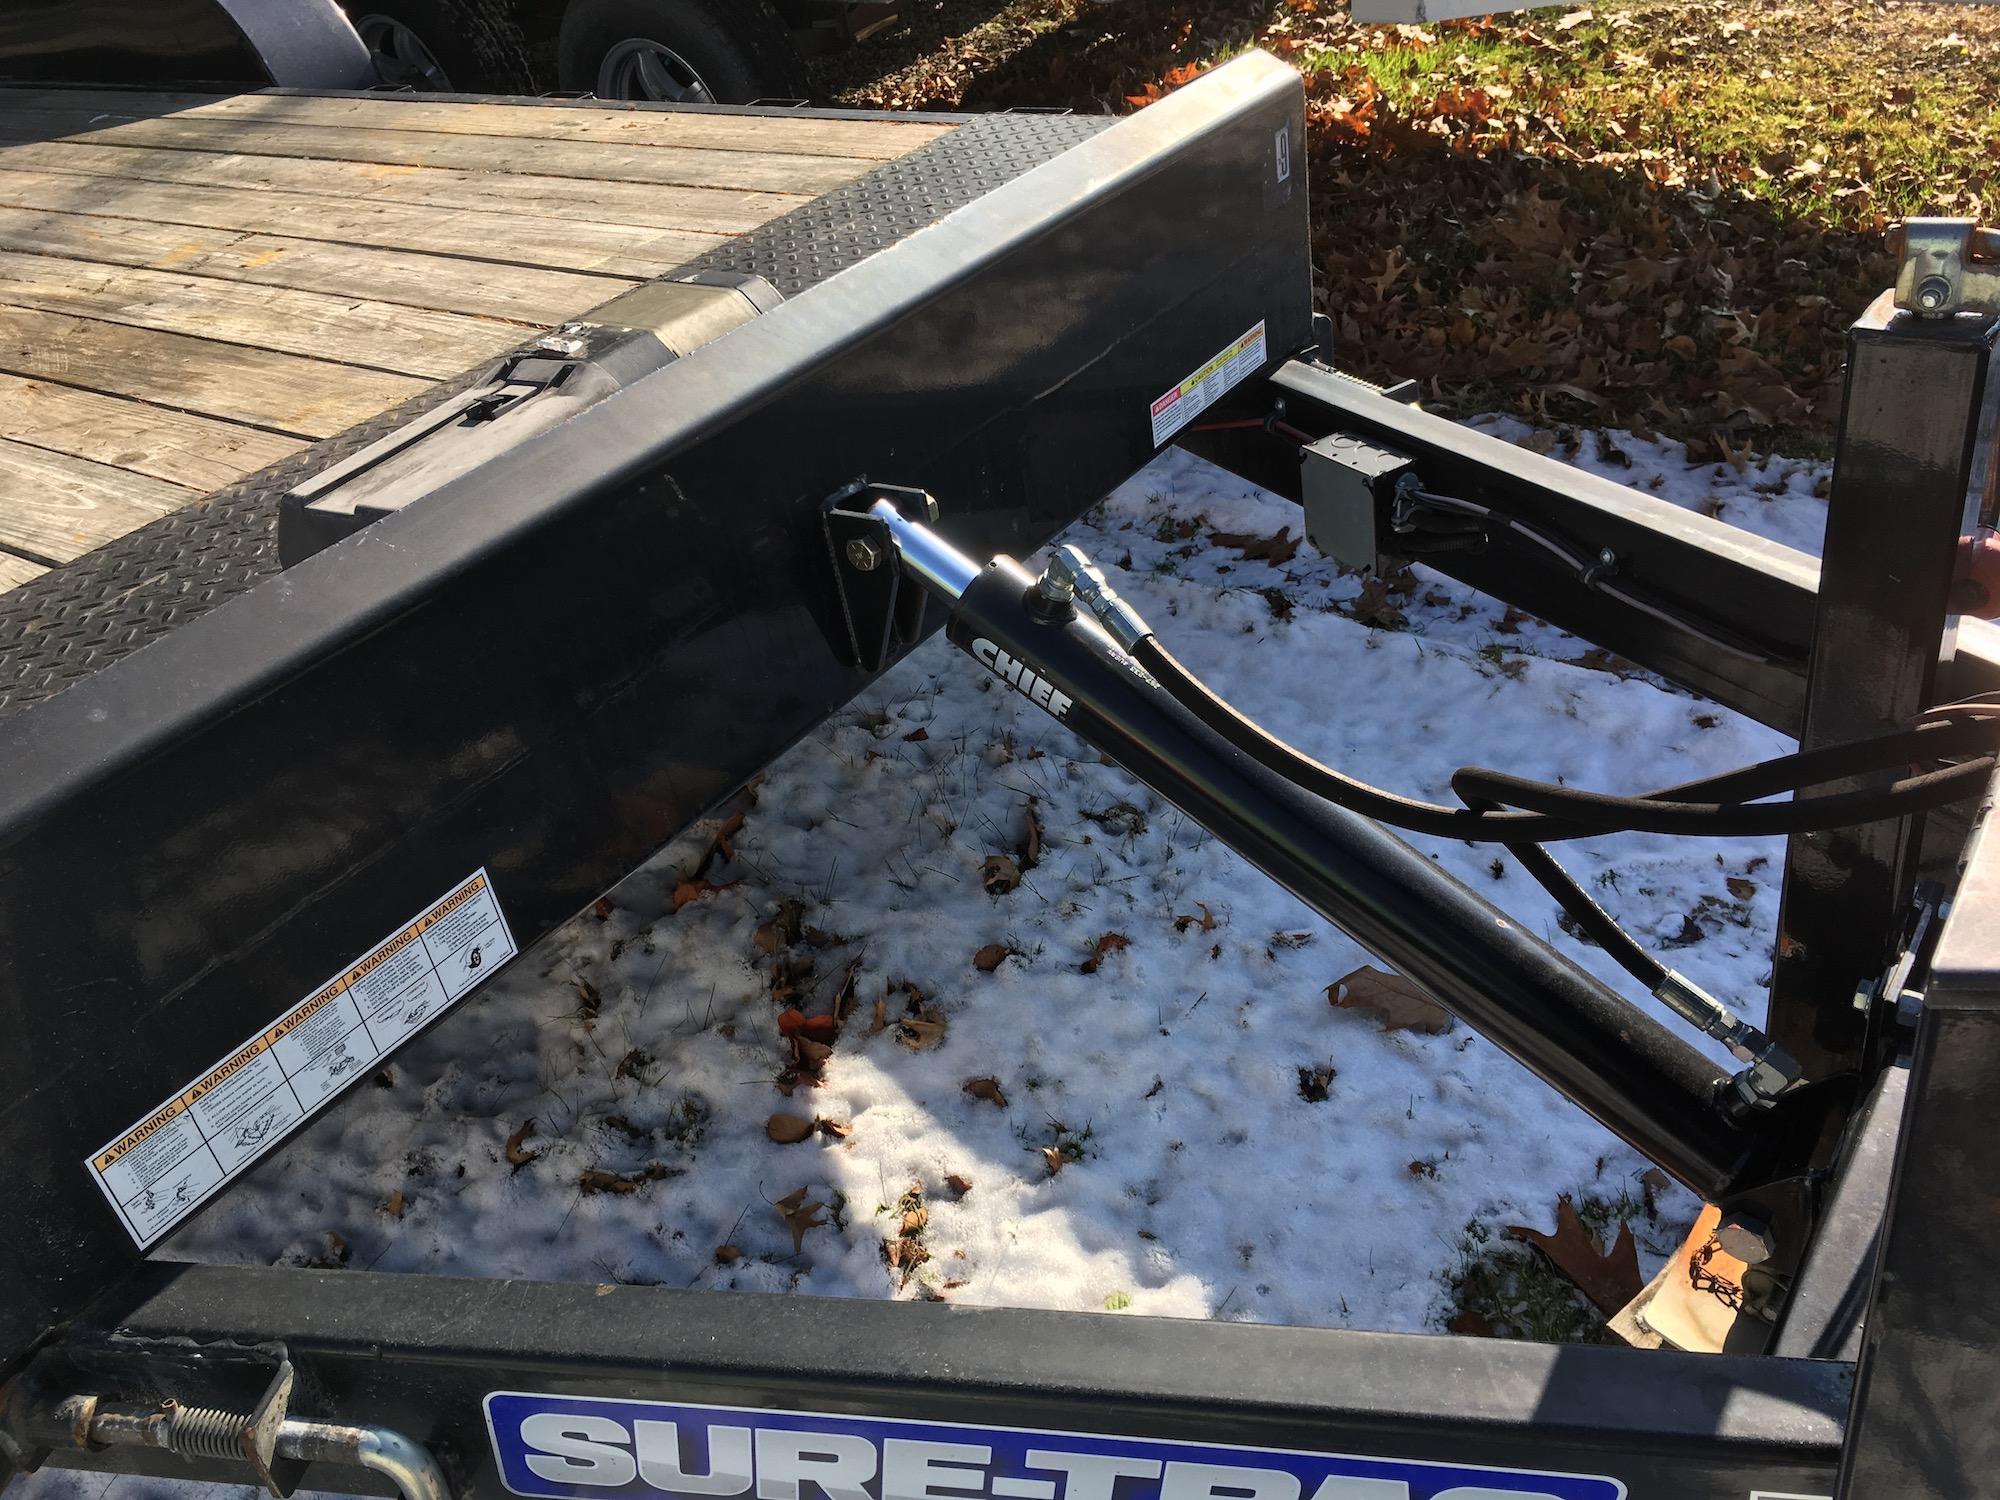 SureTrac-HydraulicTiltTrailer-02